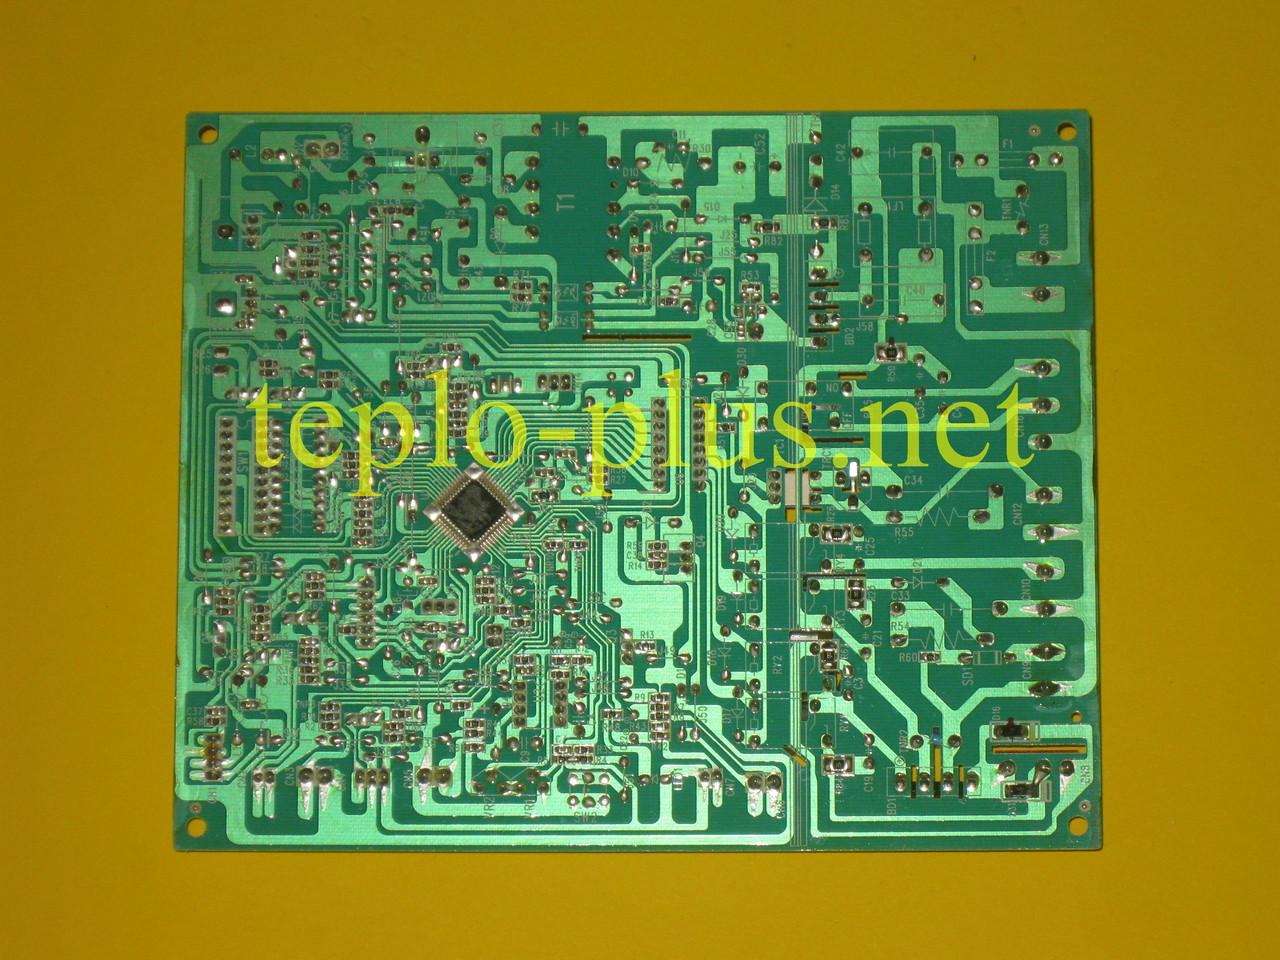 Блок (плата) управления DCSС-H VER 11-3 331439CH00 Daewoo Gasboiler DGB-130, 160, 200, 250, 300, 350 MSC/MES, фото 2